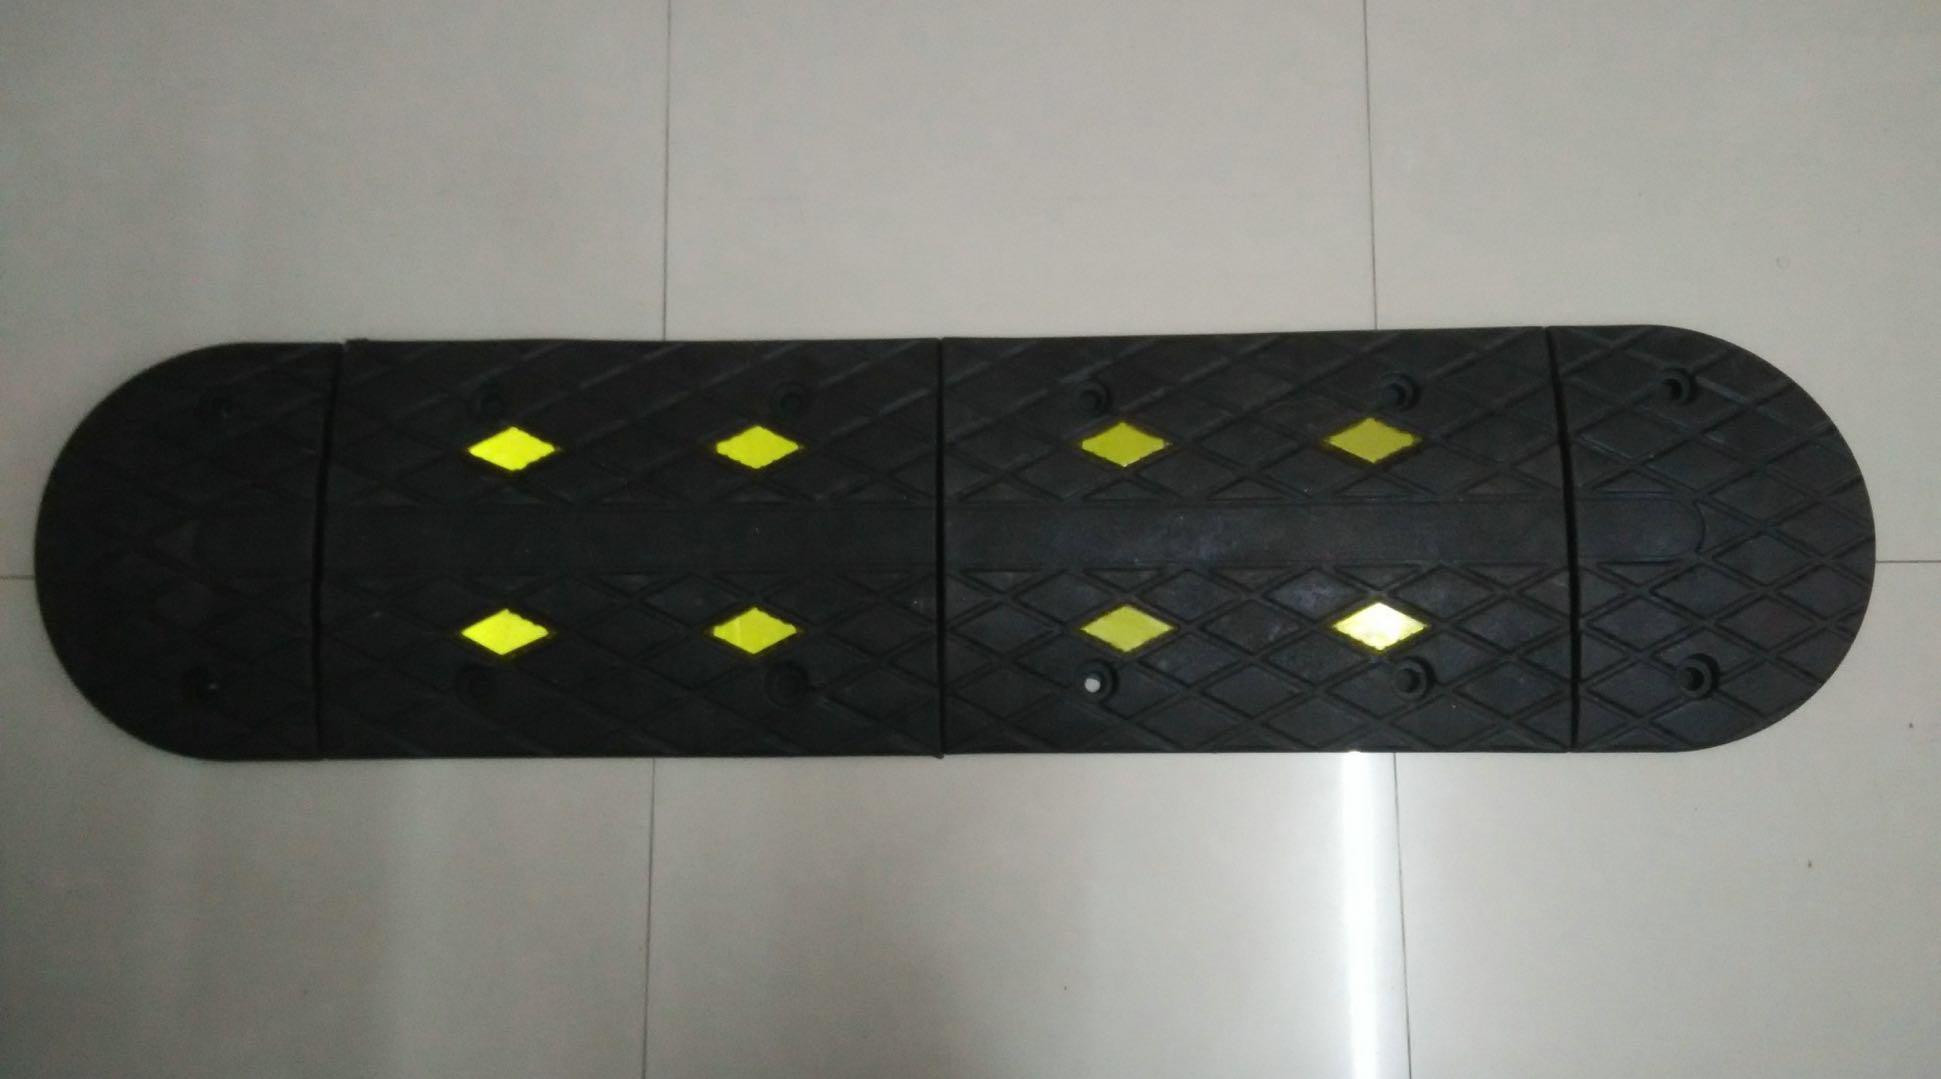 减速带|交通设施-漳州川闽交通工程有限公司